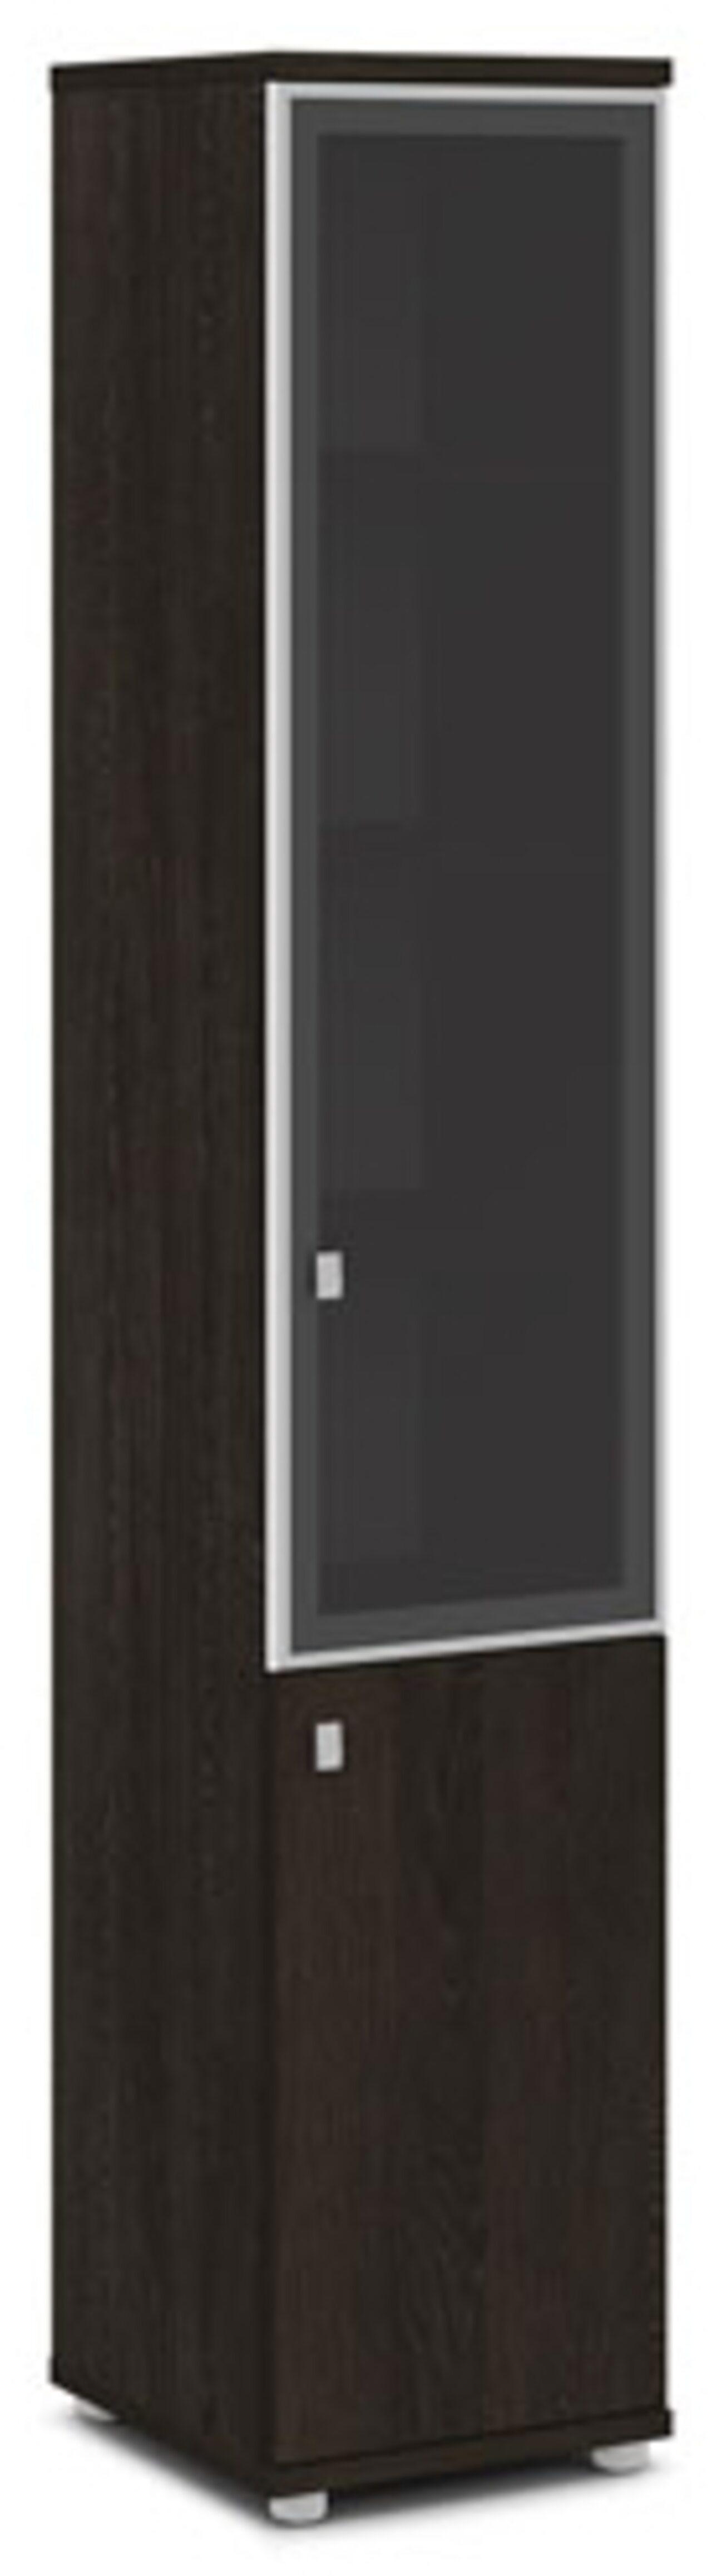 Шкаф со стеклом в алюминиевом профиле  (правый)  Vasanta 42x44x220 - фото 1